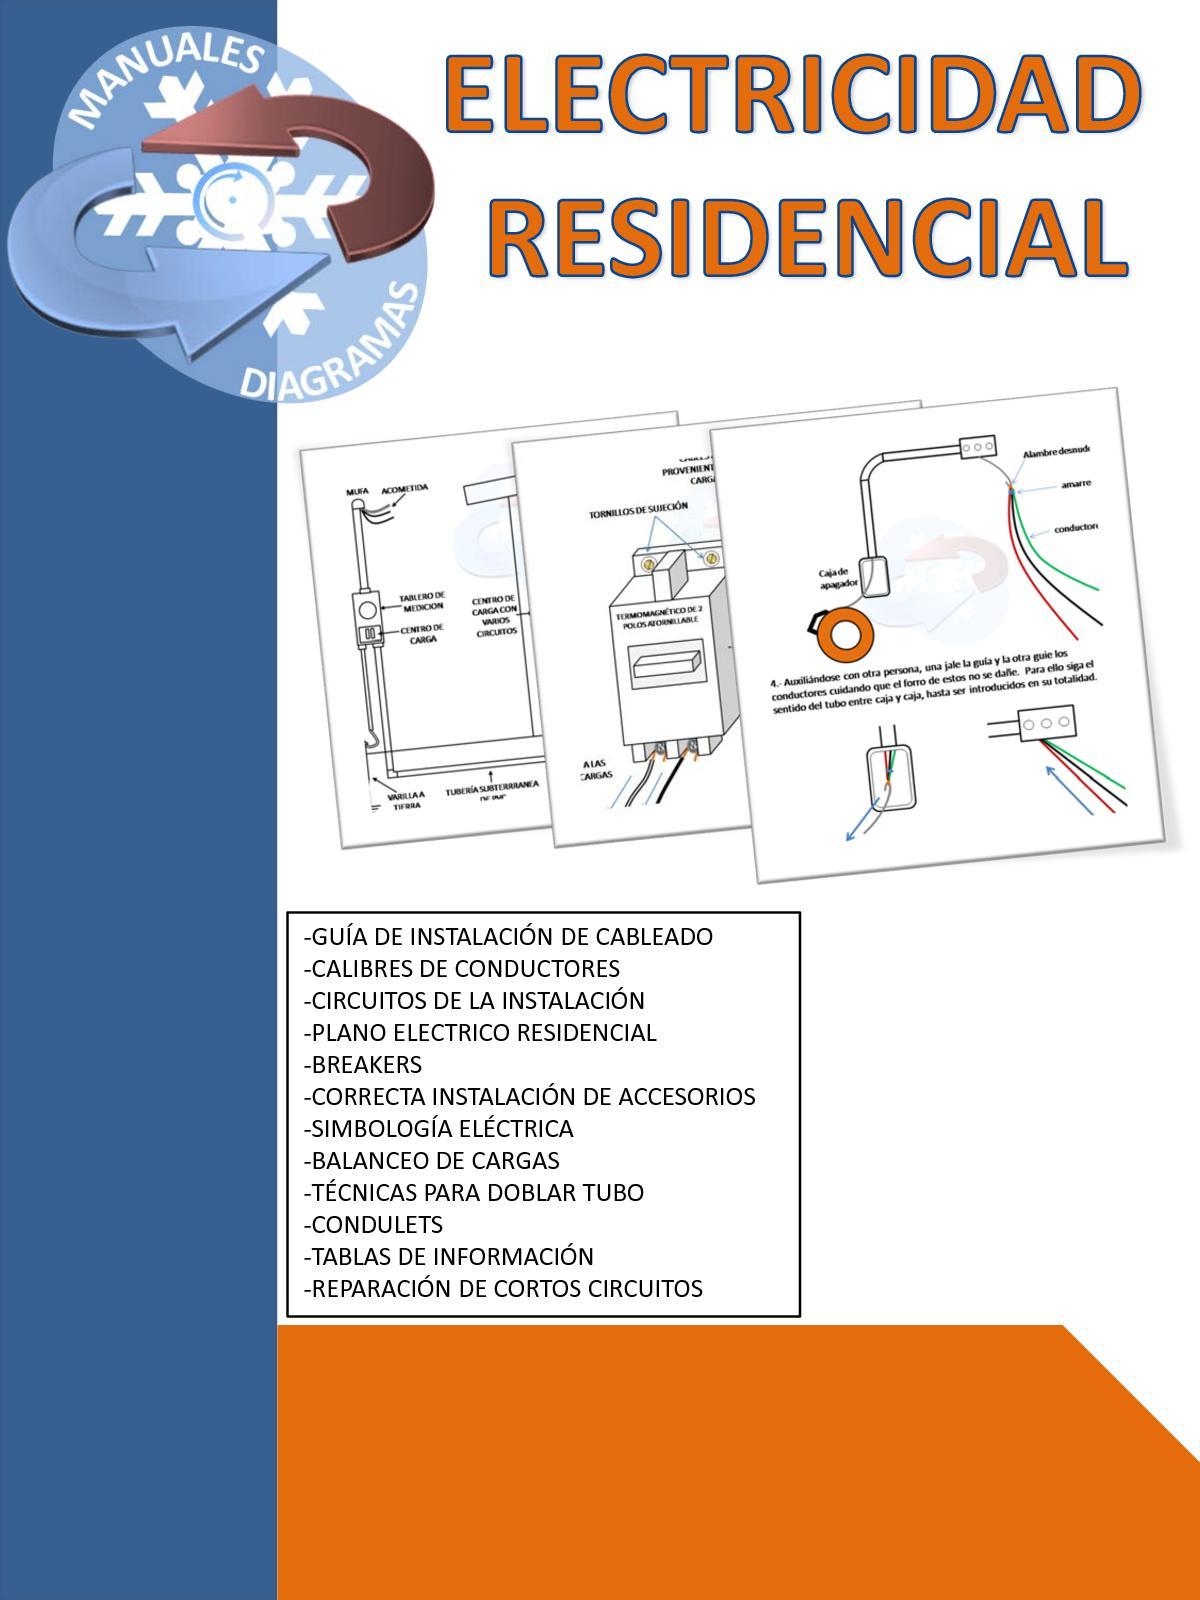 Electricidad Residencial Manualesydiagramas Blogspot Com